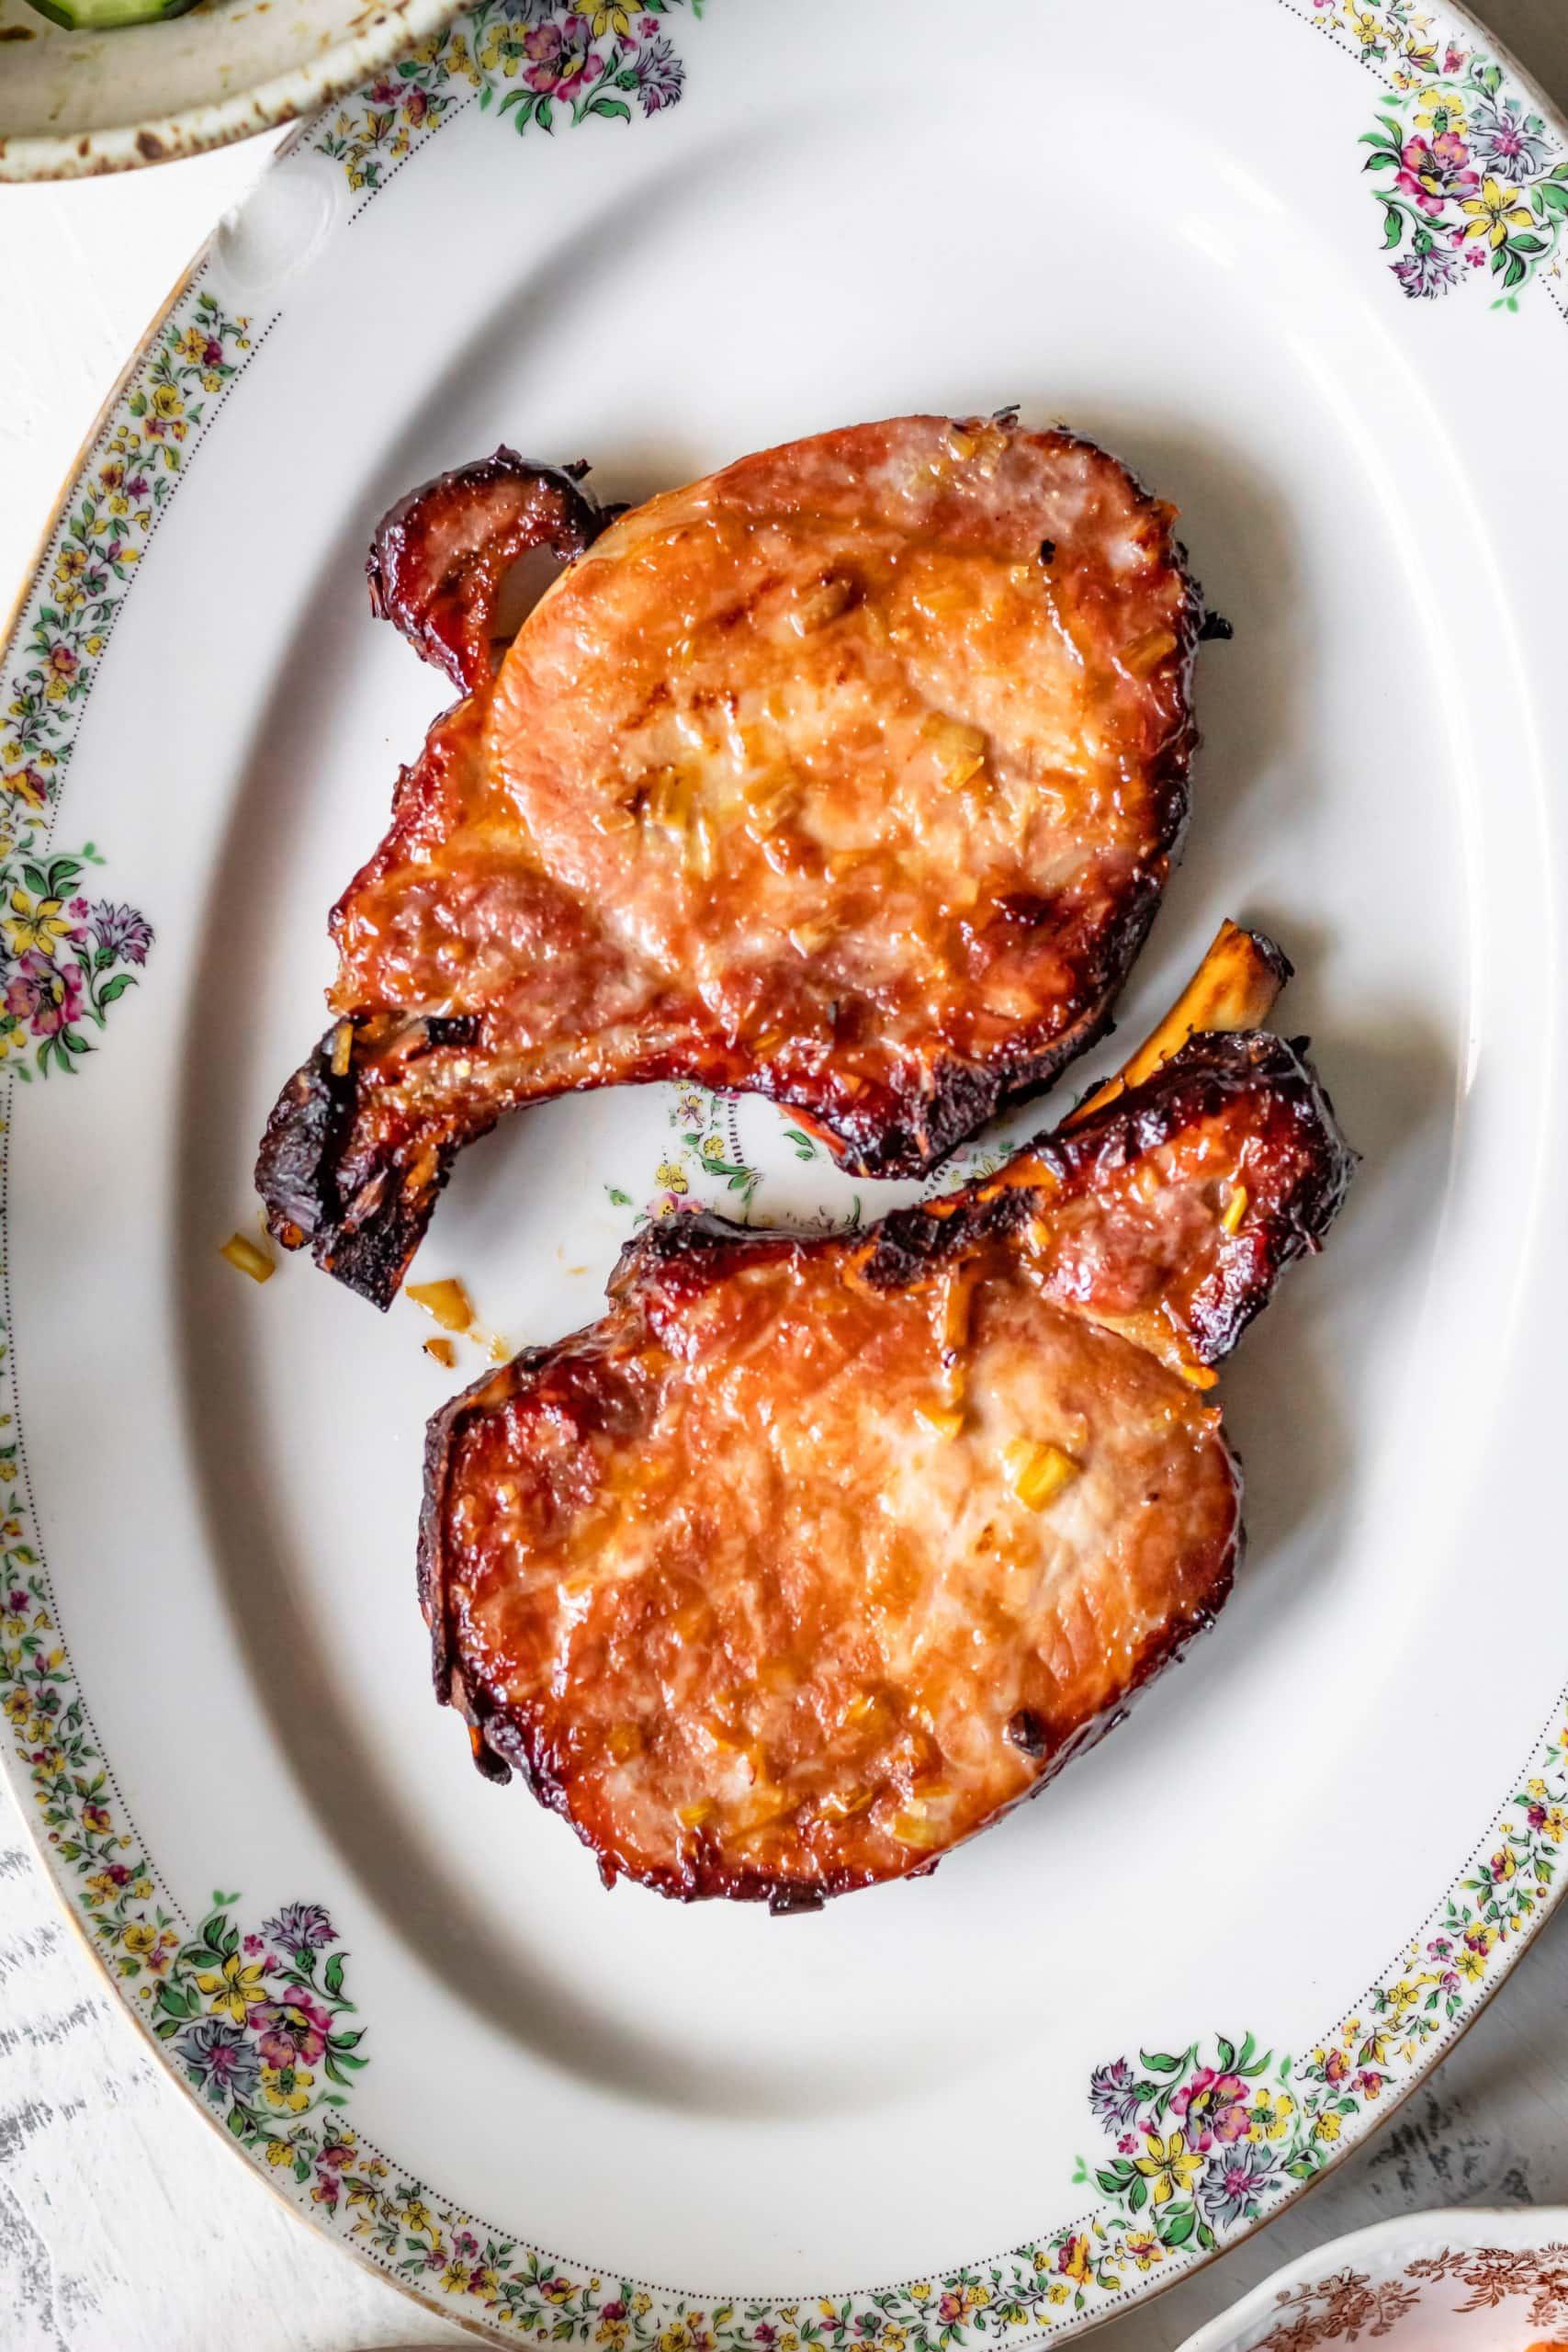 pork chops after baking